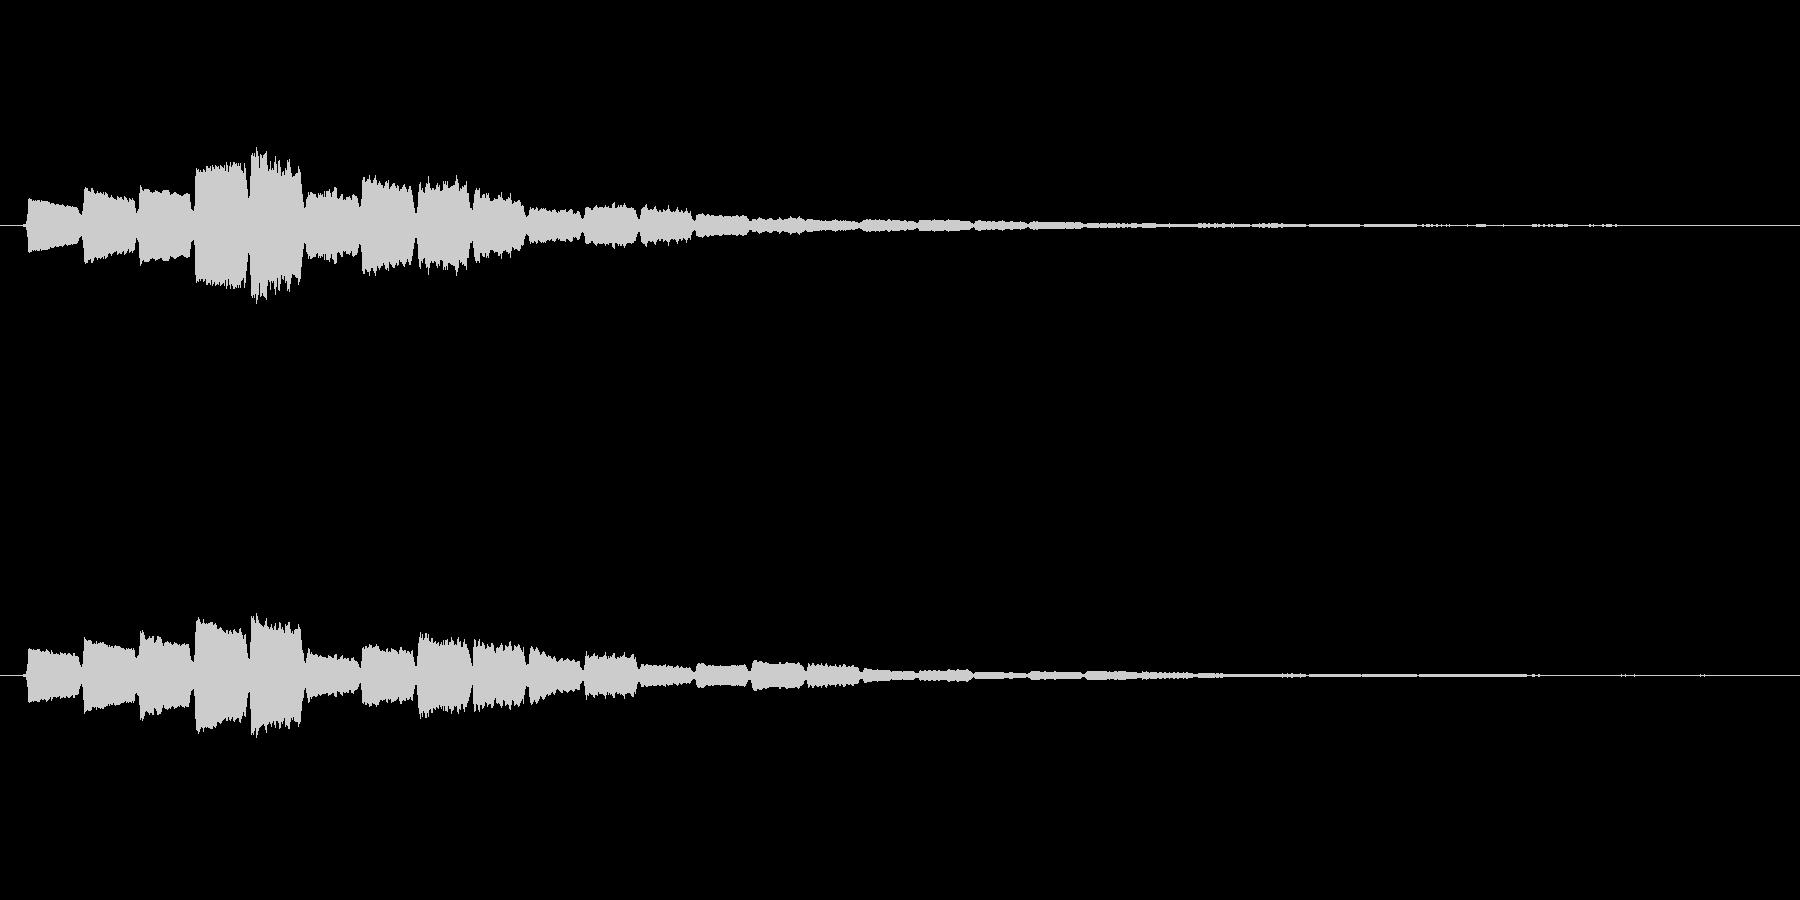 キラキラキラッ(星、回復音など)の未再生の波形